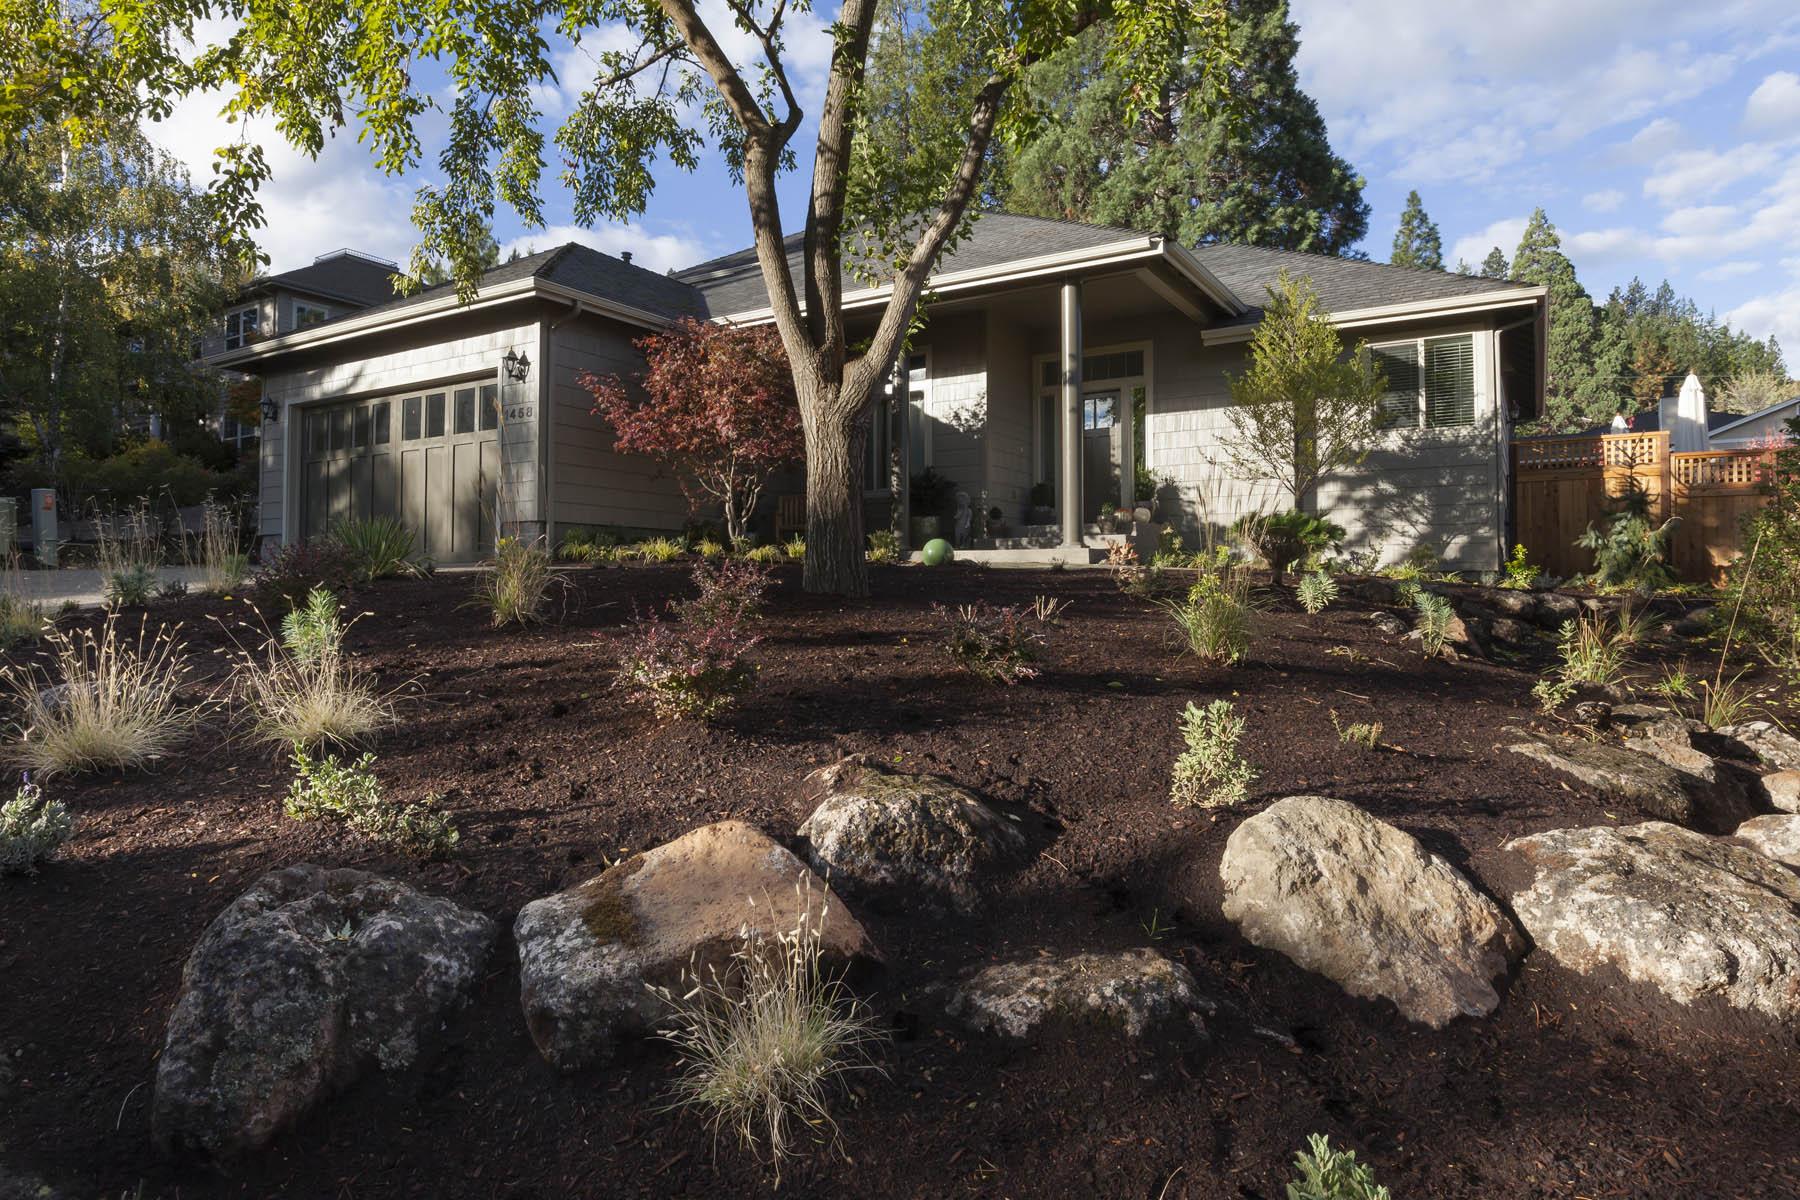 Oregon A